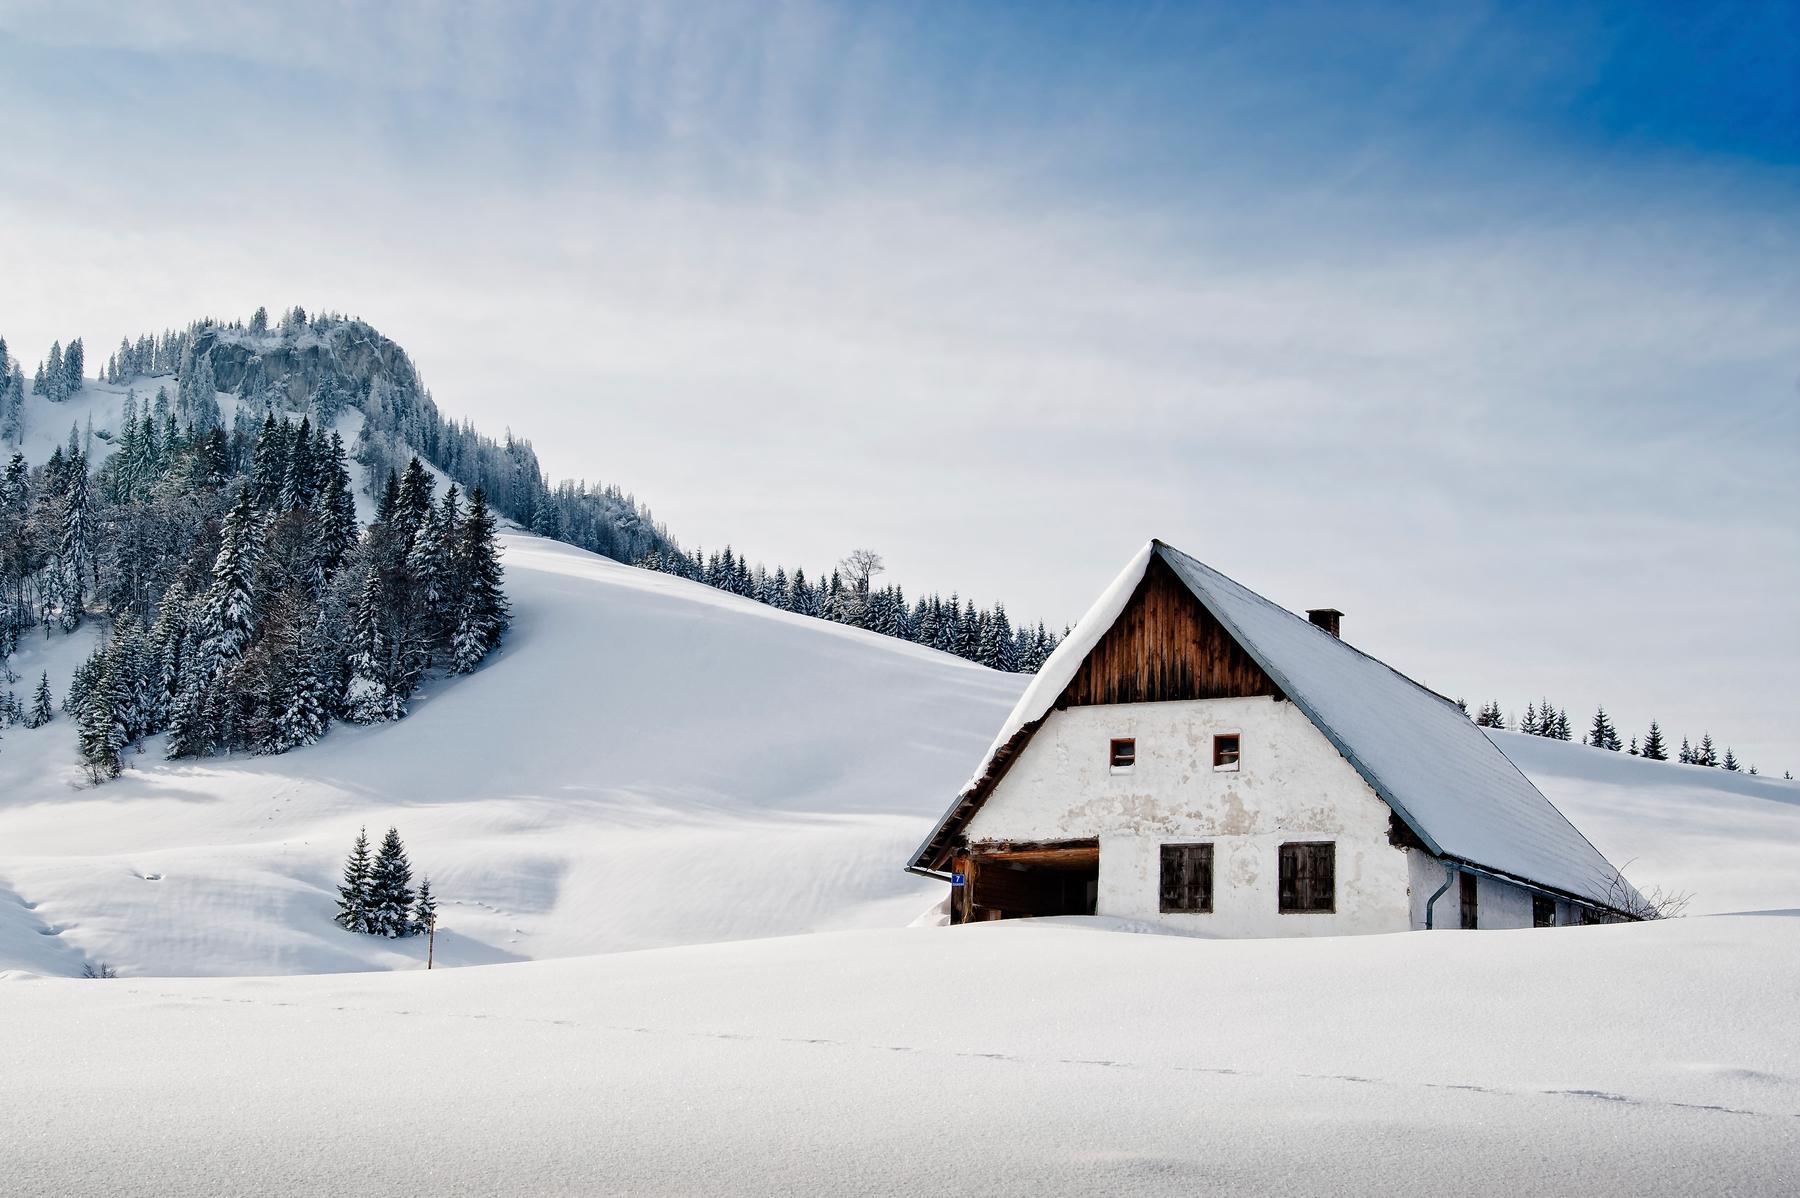 Skier en 2021 - prenez des précautions en faisant des réservations flexibles